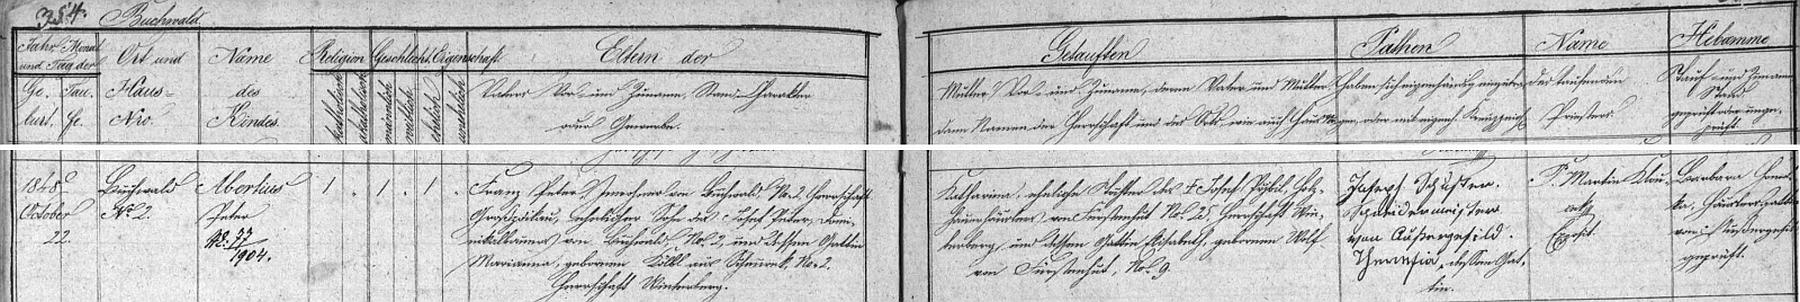 Záznam o narození jeho otce Abertia Petera na Bučině 22. října roku 1848 v rodině Franze Petera a jeho ženy Anny, roz. Kölblové, svědčí o tom, že Abertiovým bratrem a tedy i strýcem Franze Petera byl spisovatel Johann Peter